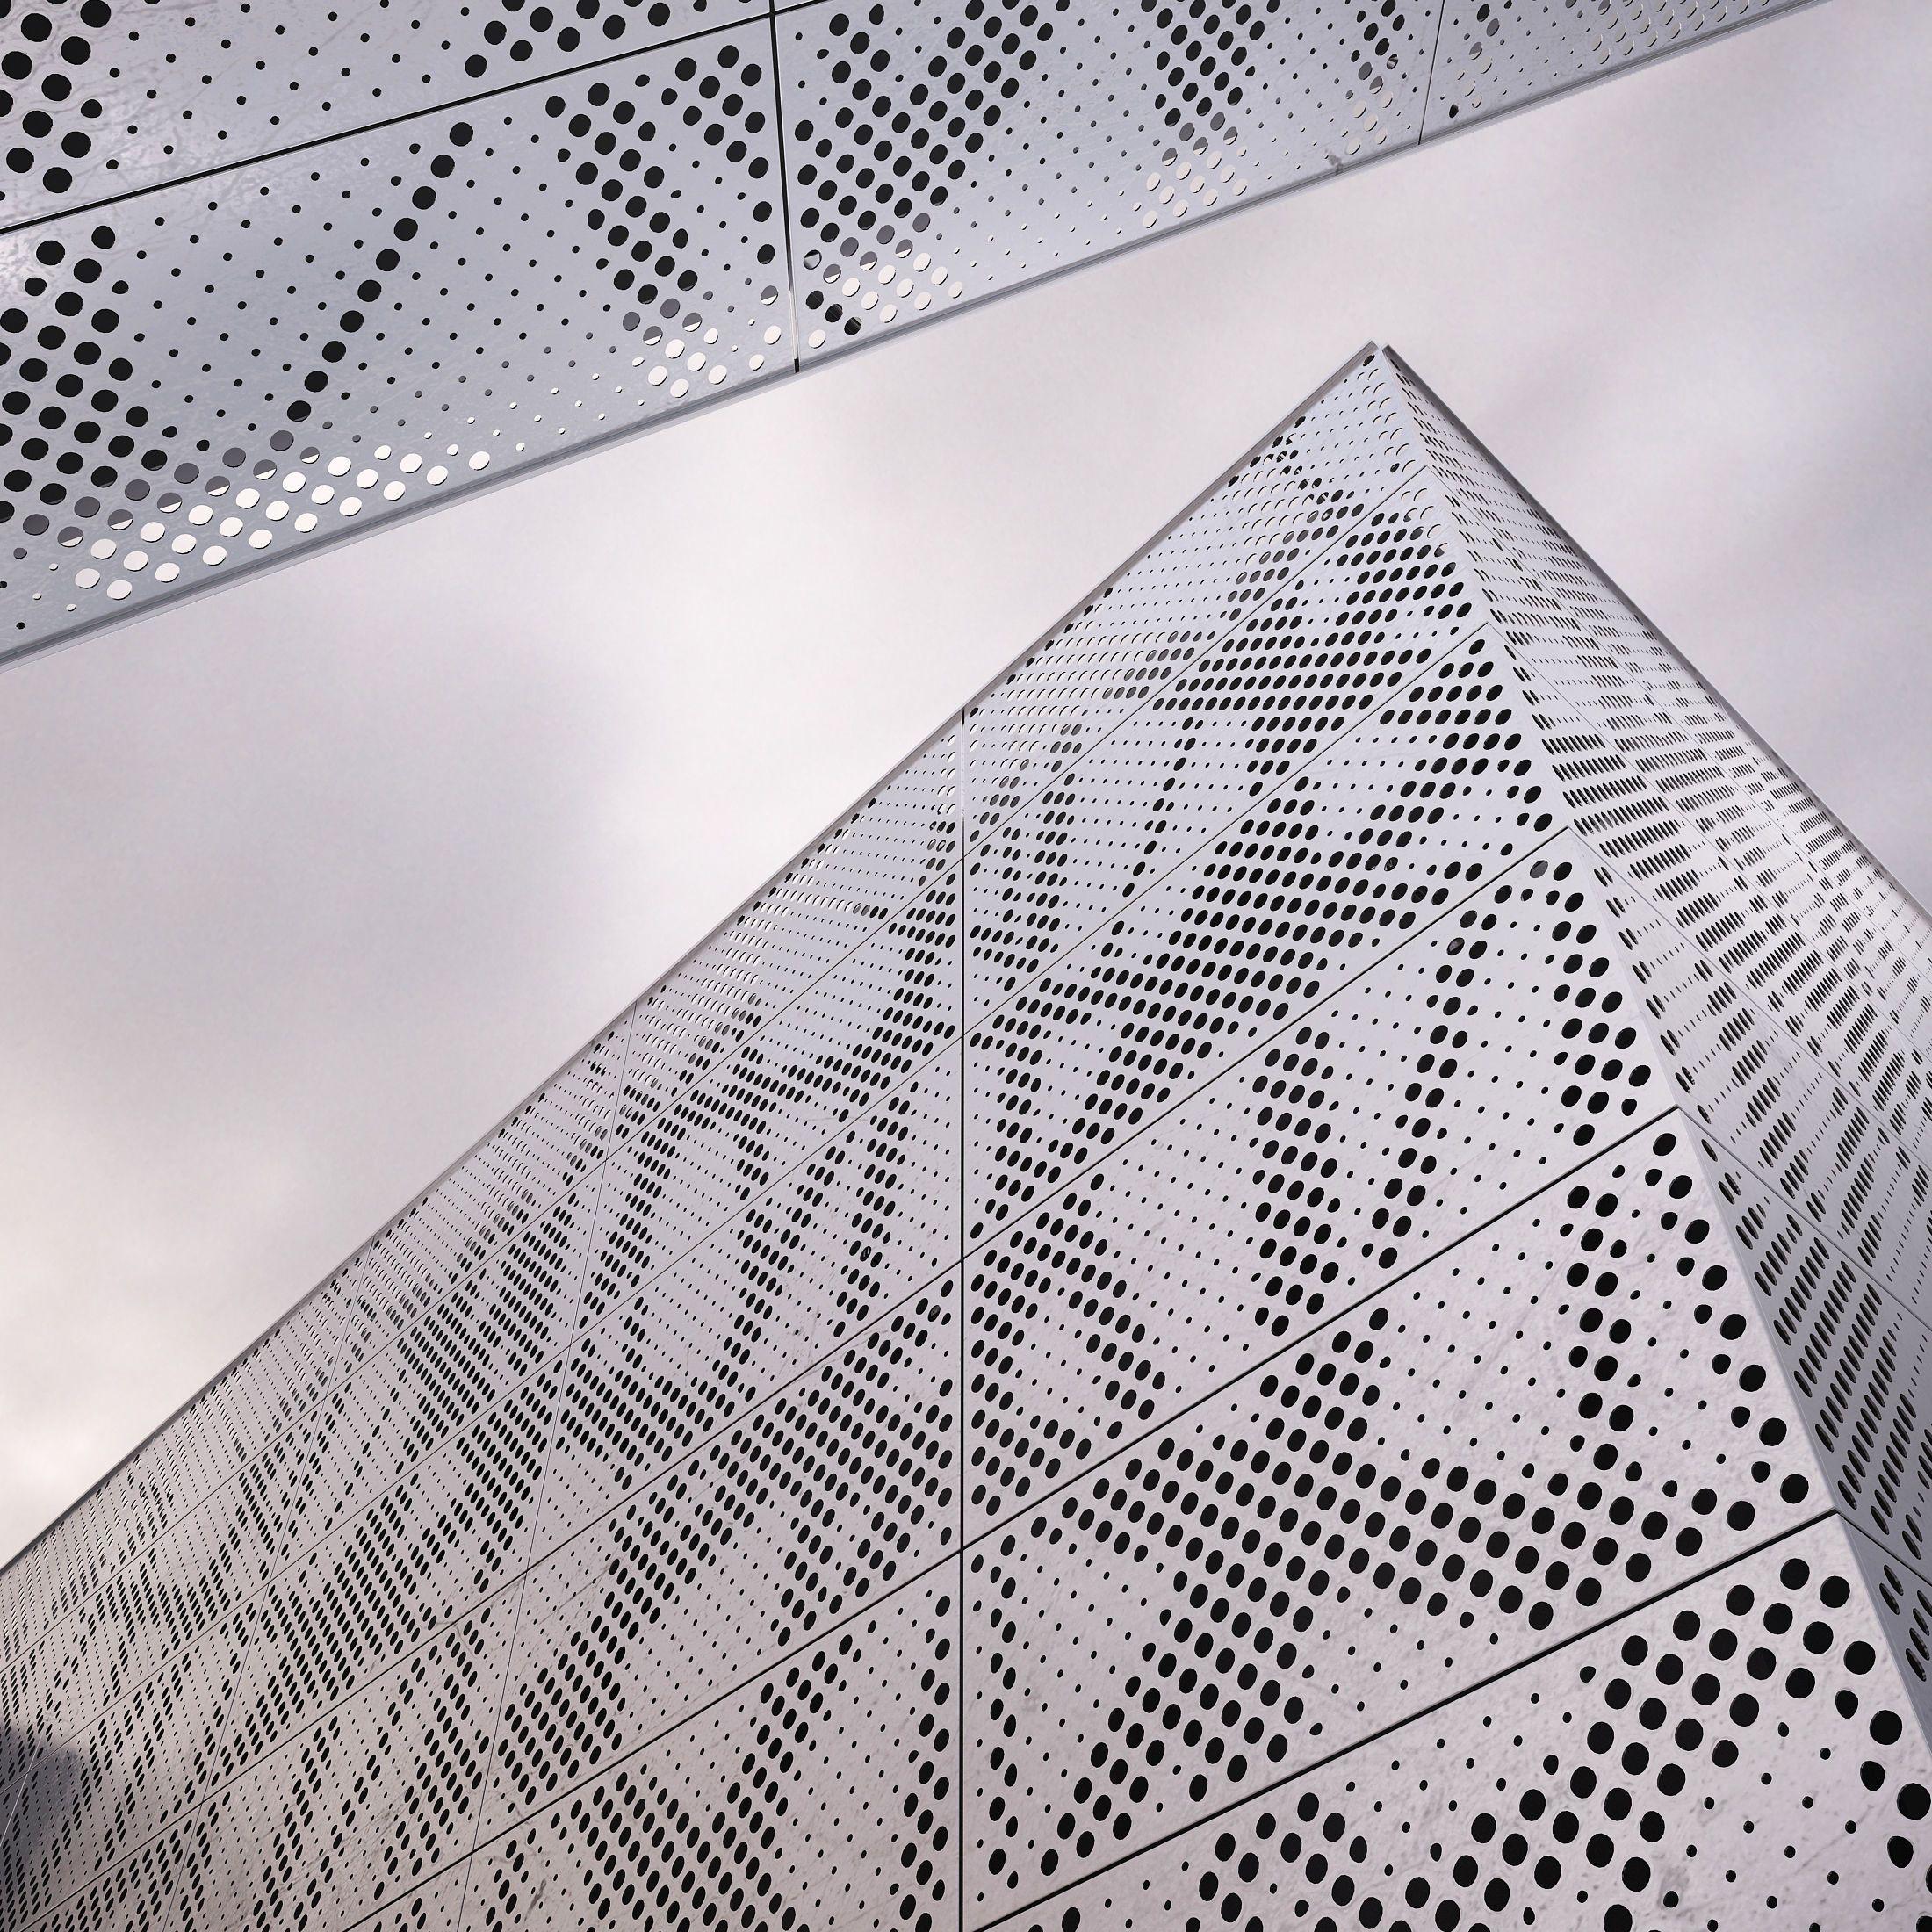 Perforated Metal Panel N1 3d Model Perforated Metal Panel Metal Panels Metal Wall Panel